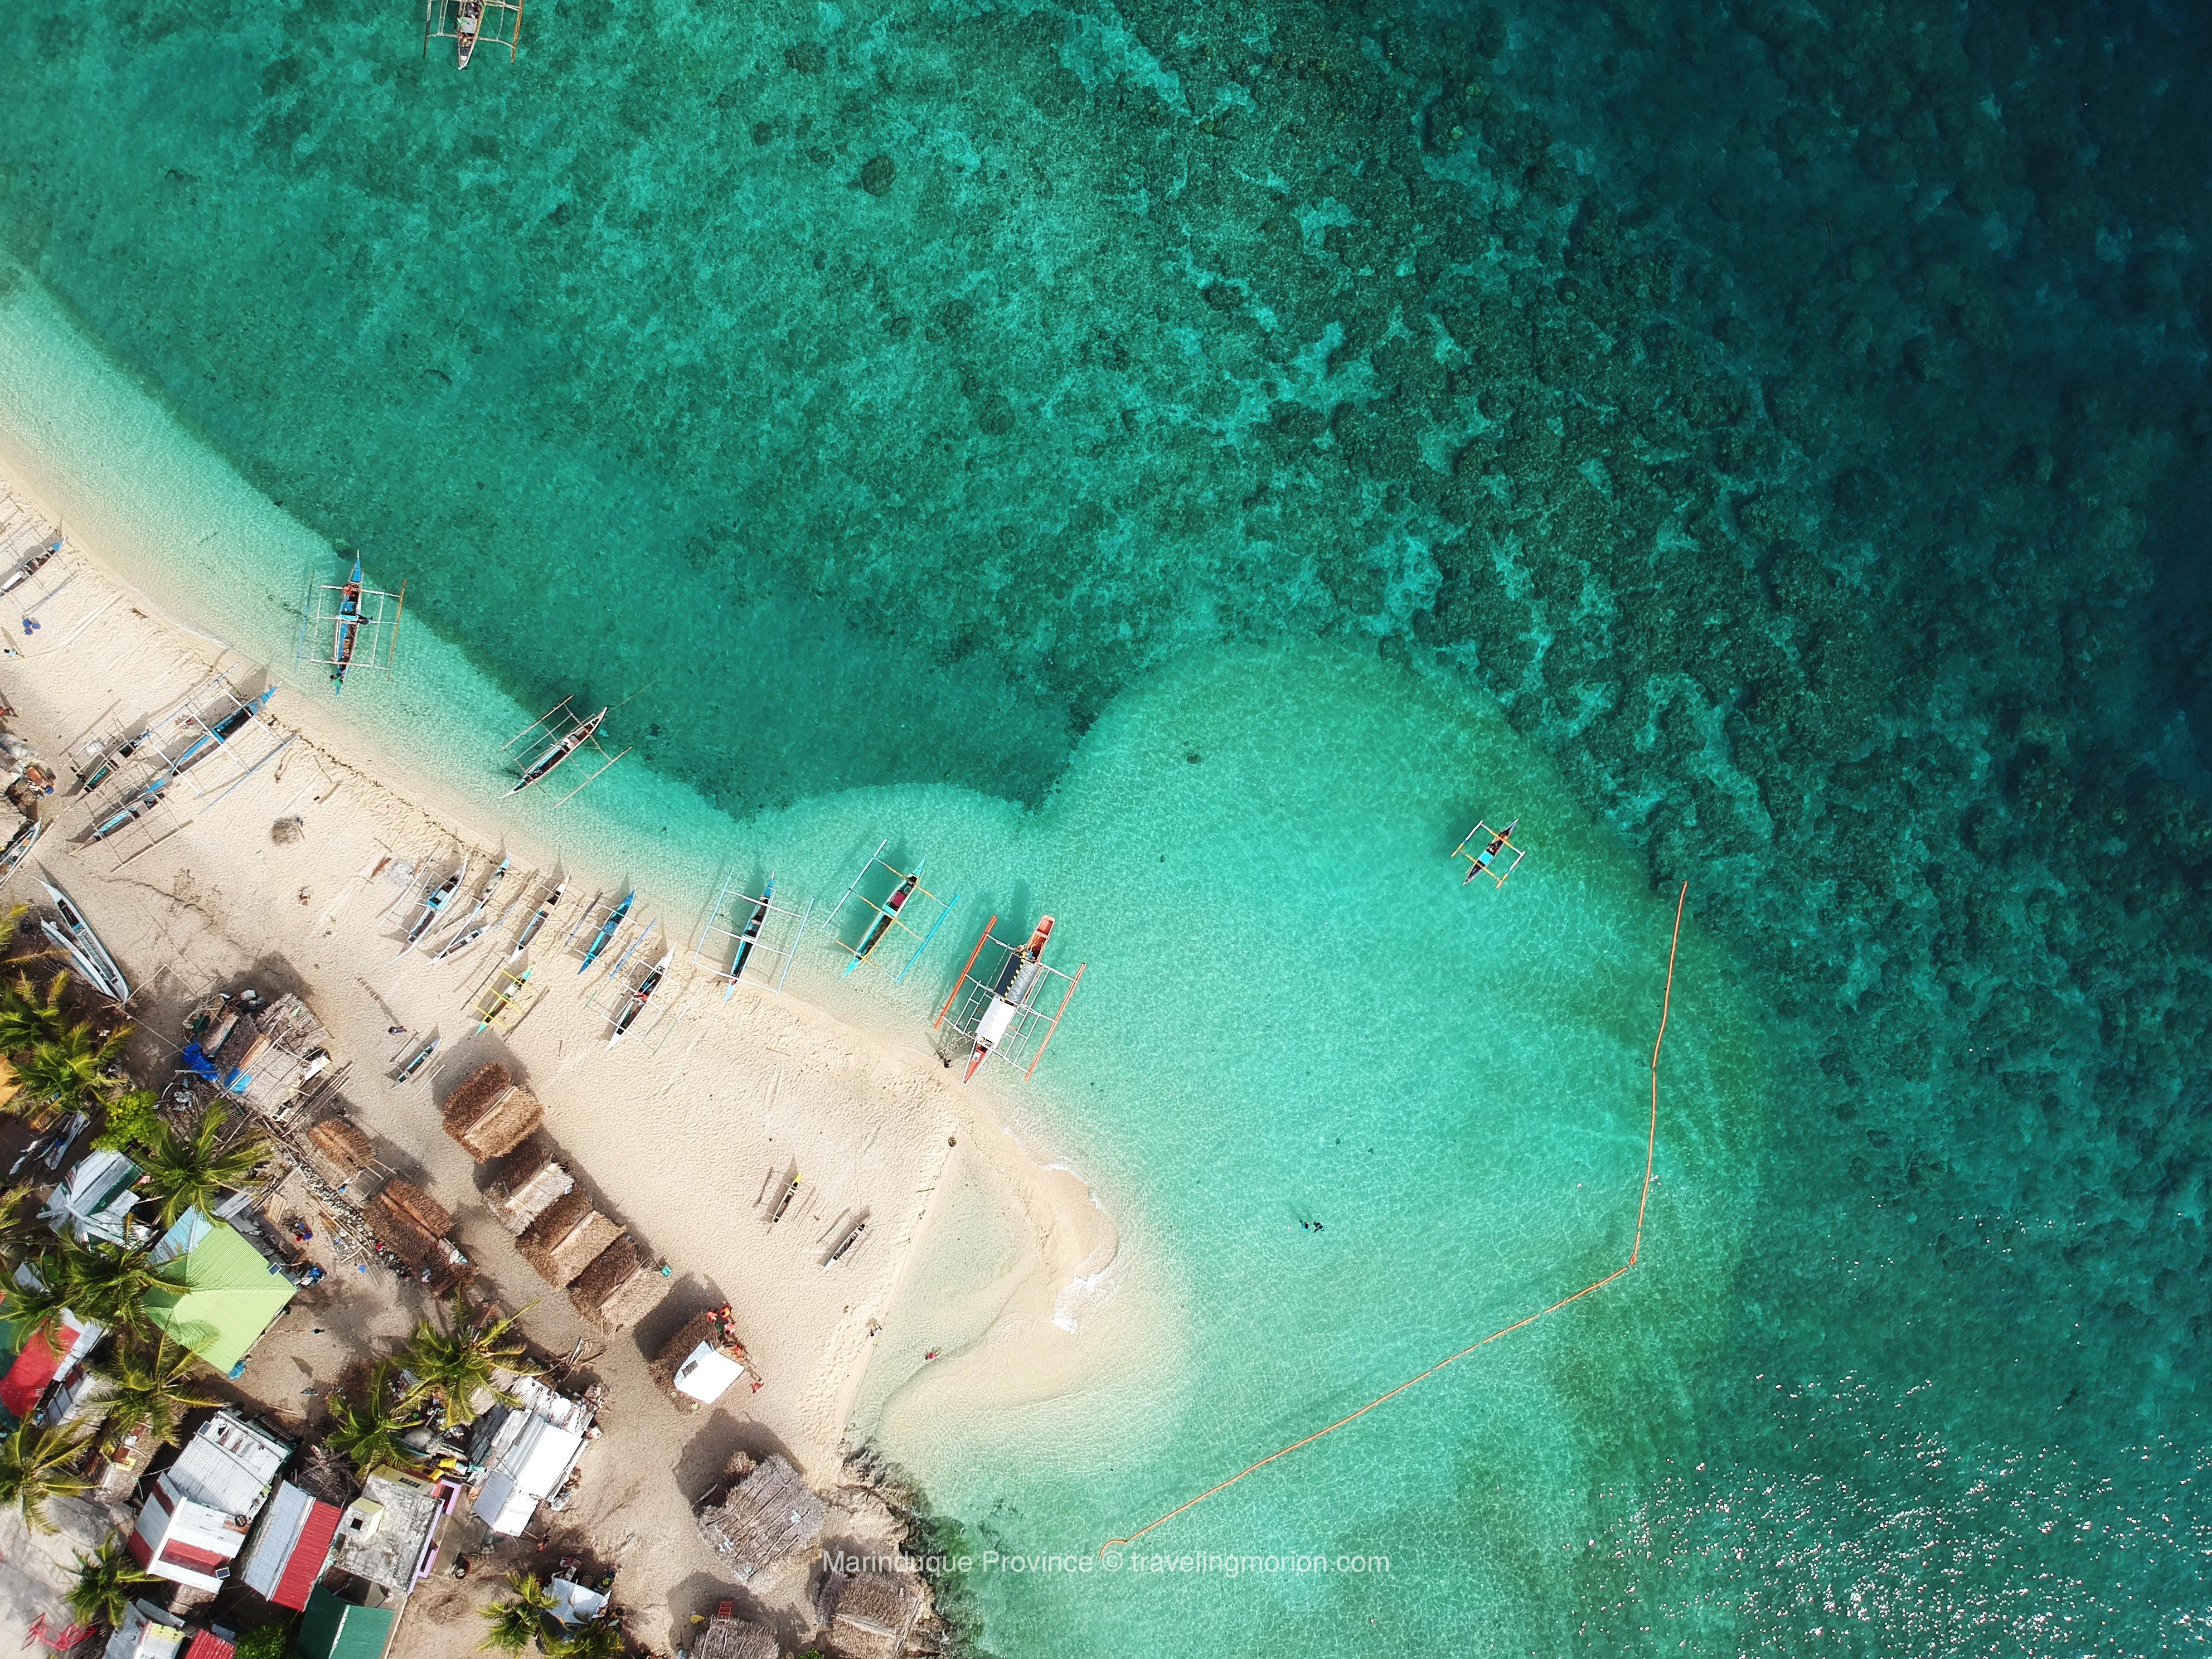 Gaspar Island